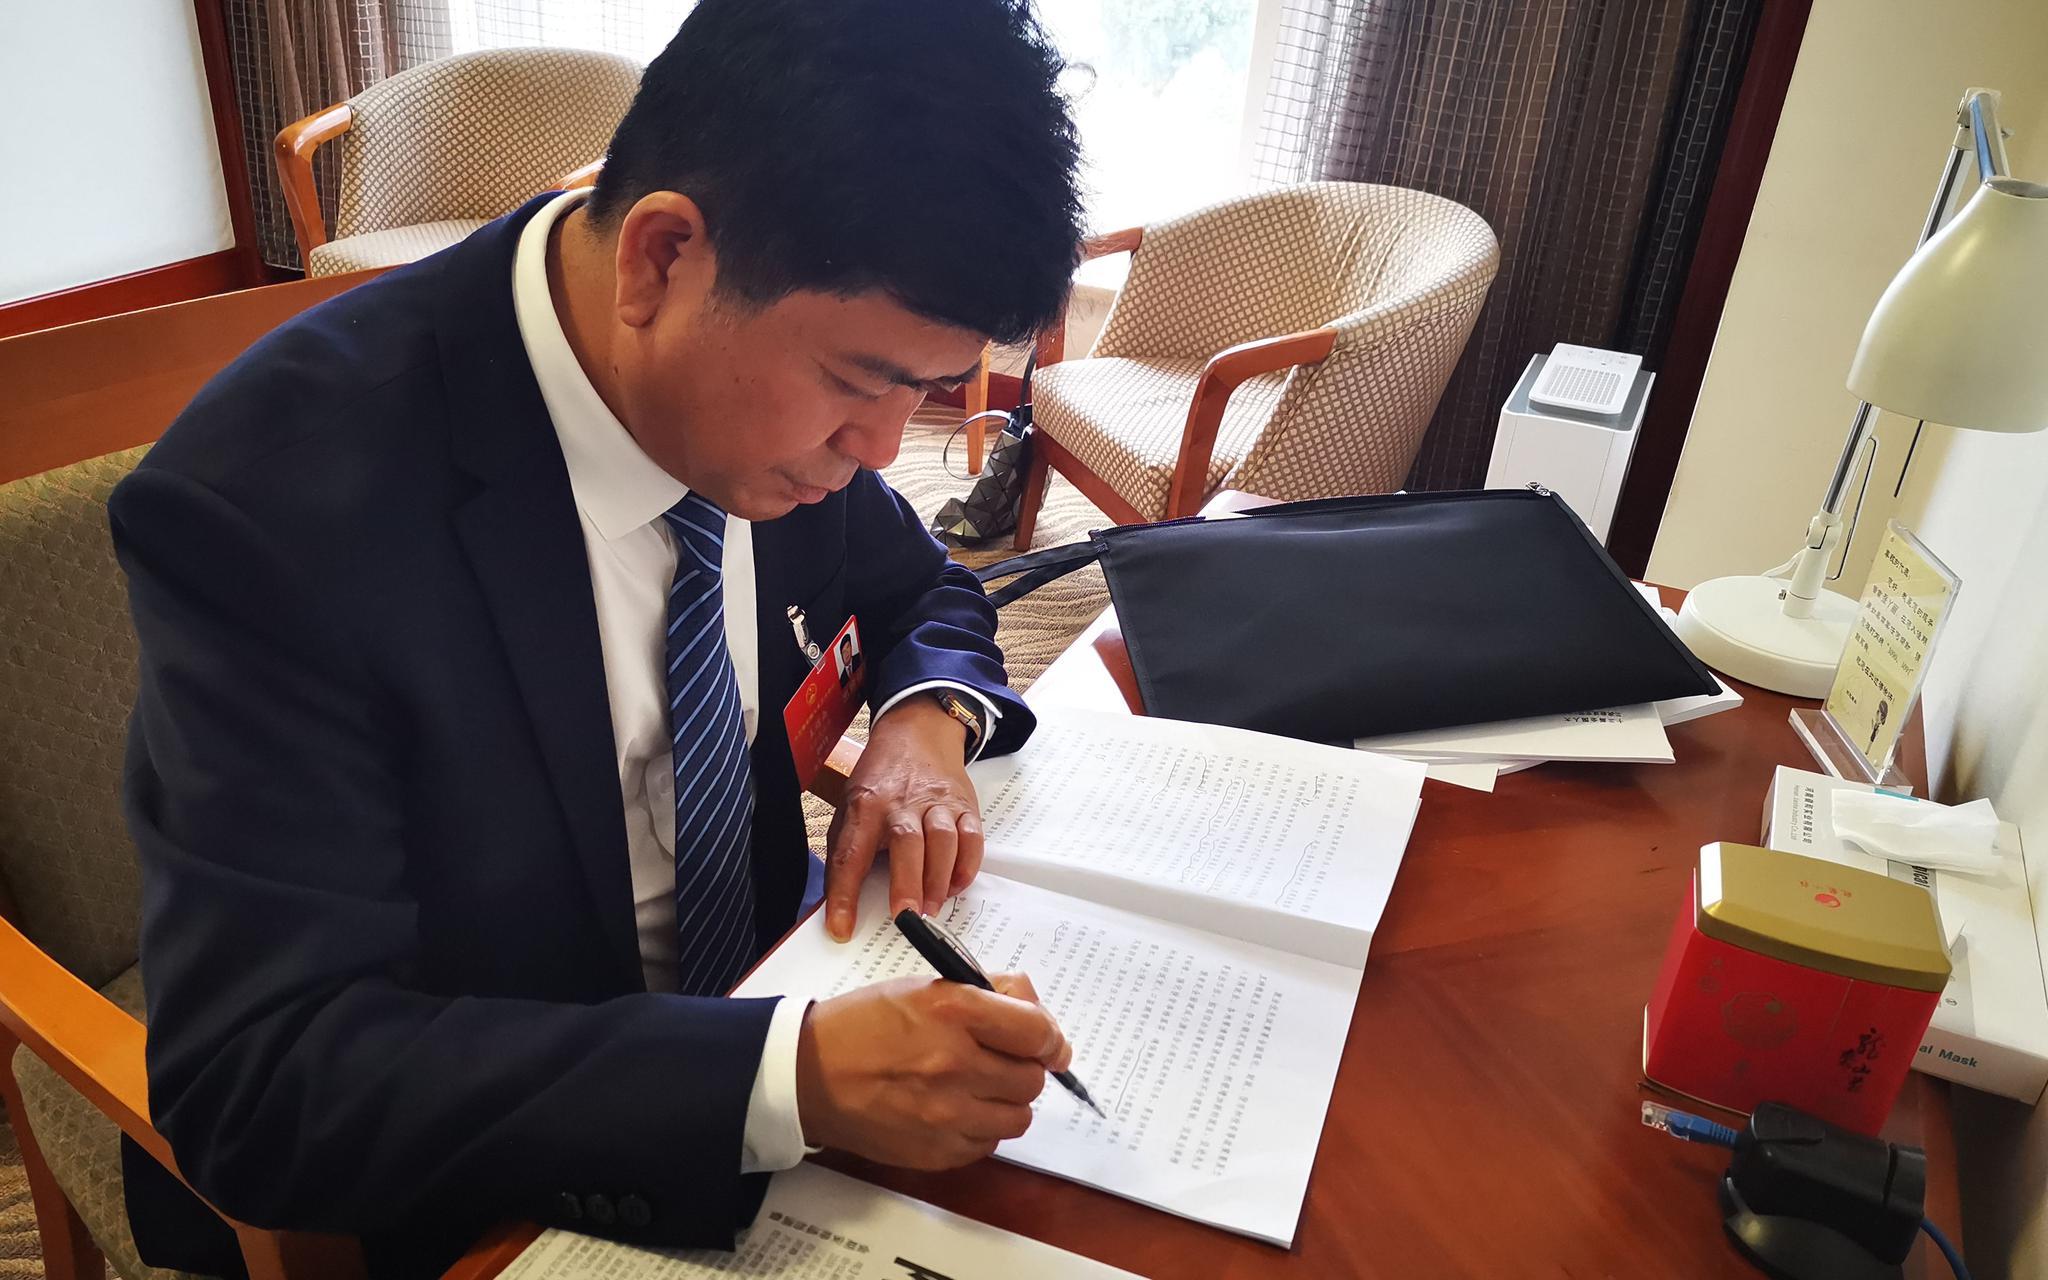 摩天登录:全国人大代表王绍南摩天登录图片